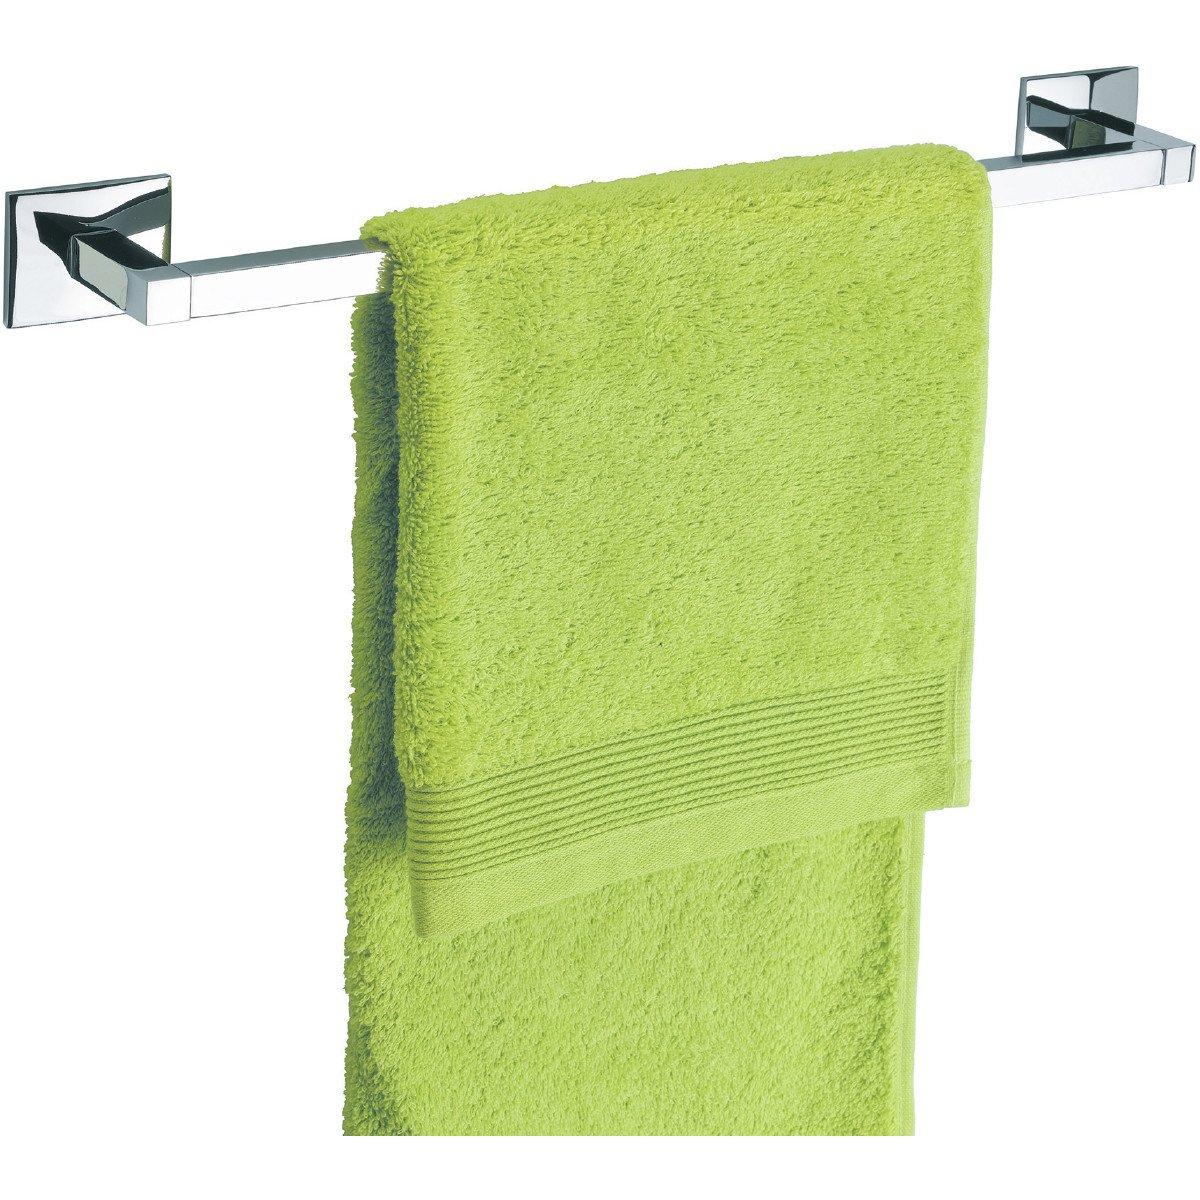 Baño Diseño–LUK fissato Asciugamano Bar per Montaggio Adesivo 56121600